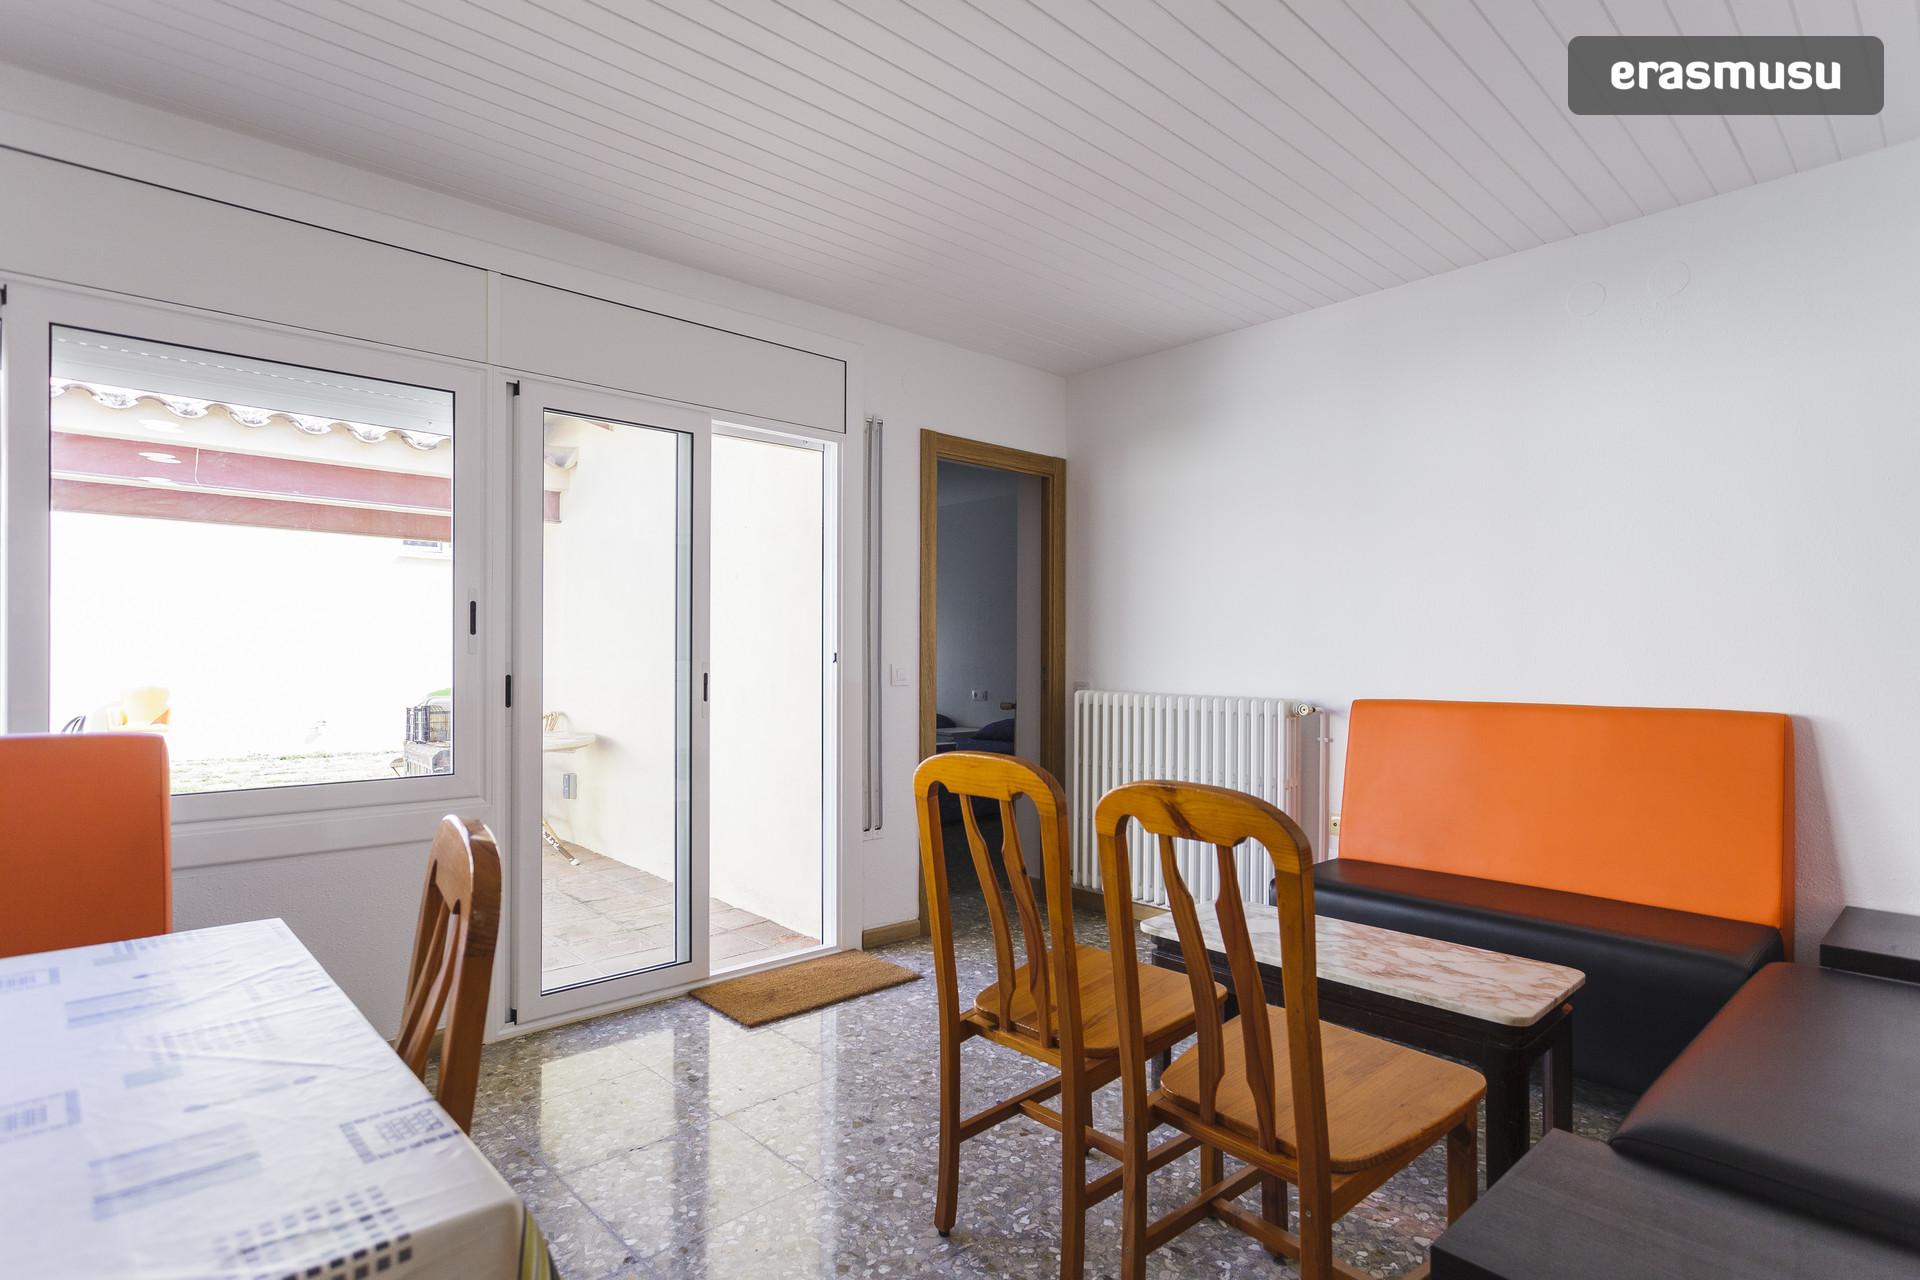 Habitaci n estudio tranquila en viladecans muy cerca de barcelona alquiler habitaciones - Alquiler de pisos en viladecans ...